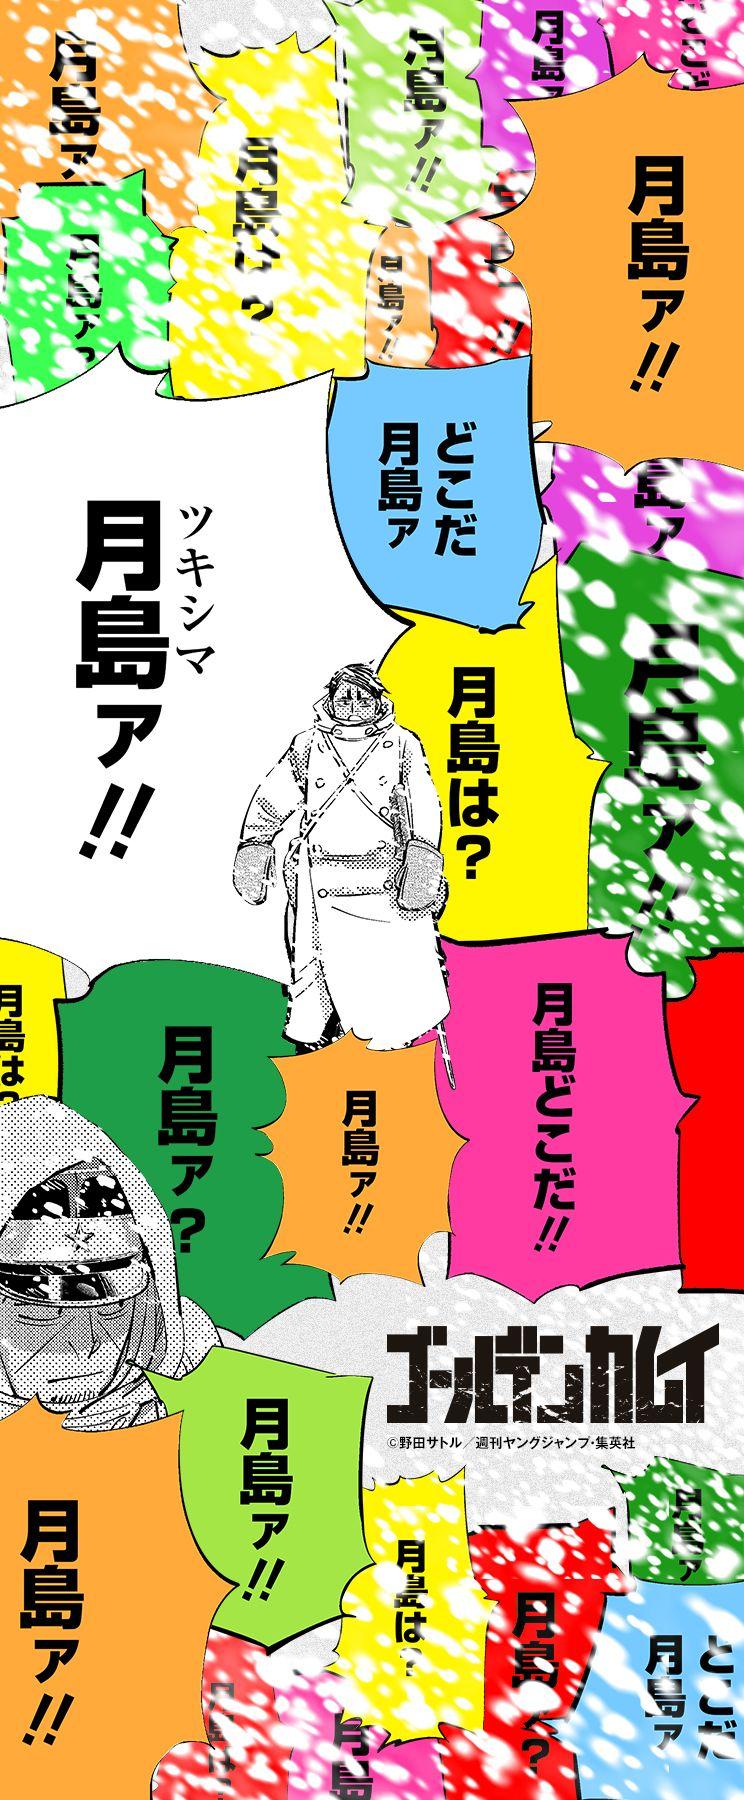 ゴールデンカムイ ゴールデンカムイ アニメ絵 ファンアート